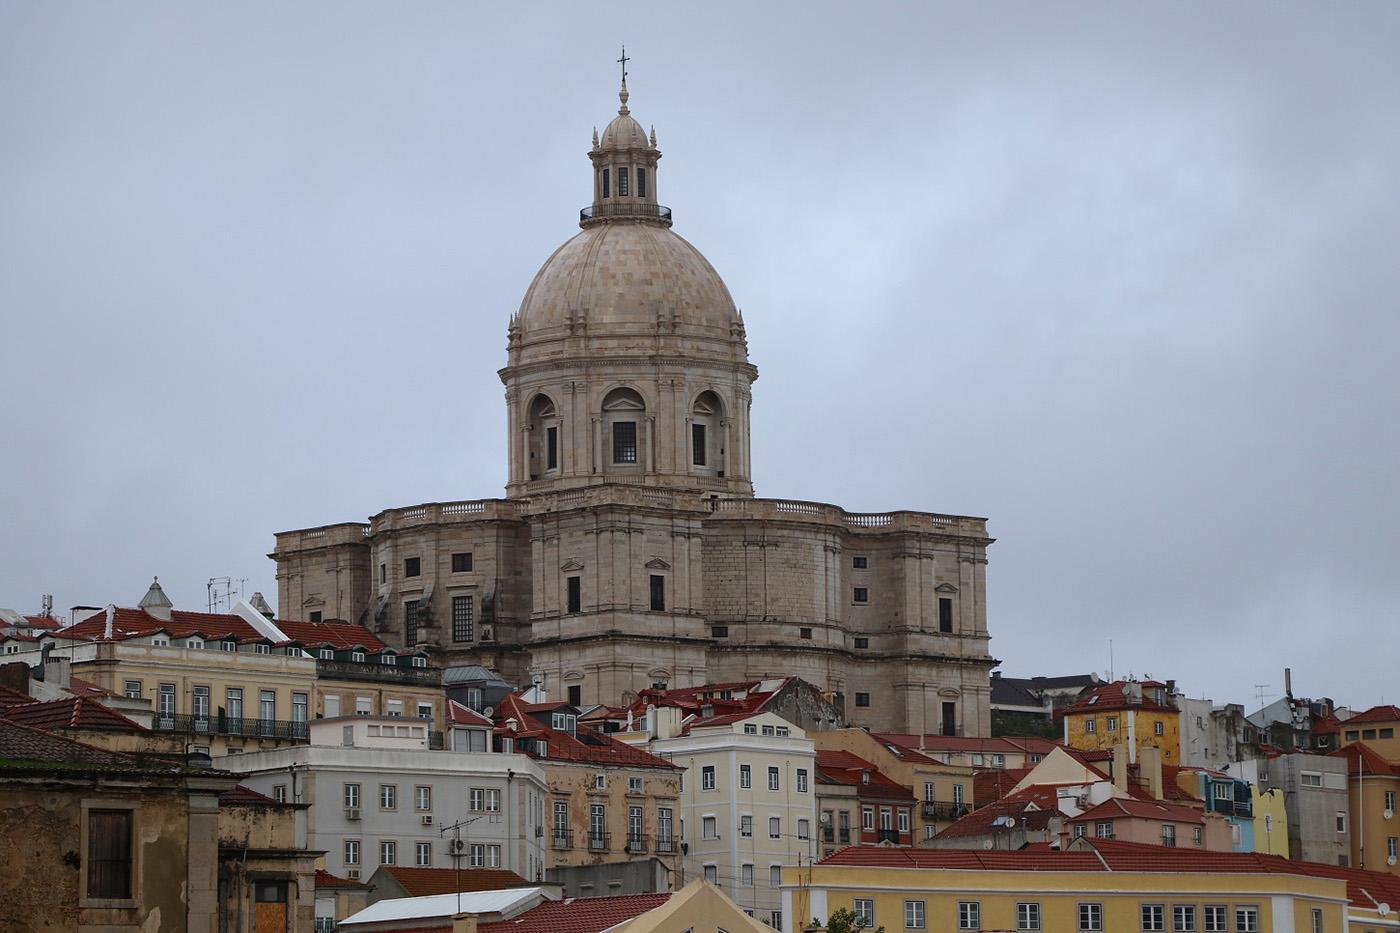 The Baroque Panteao Nacional, Lisbon